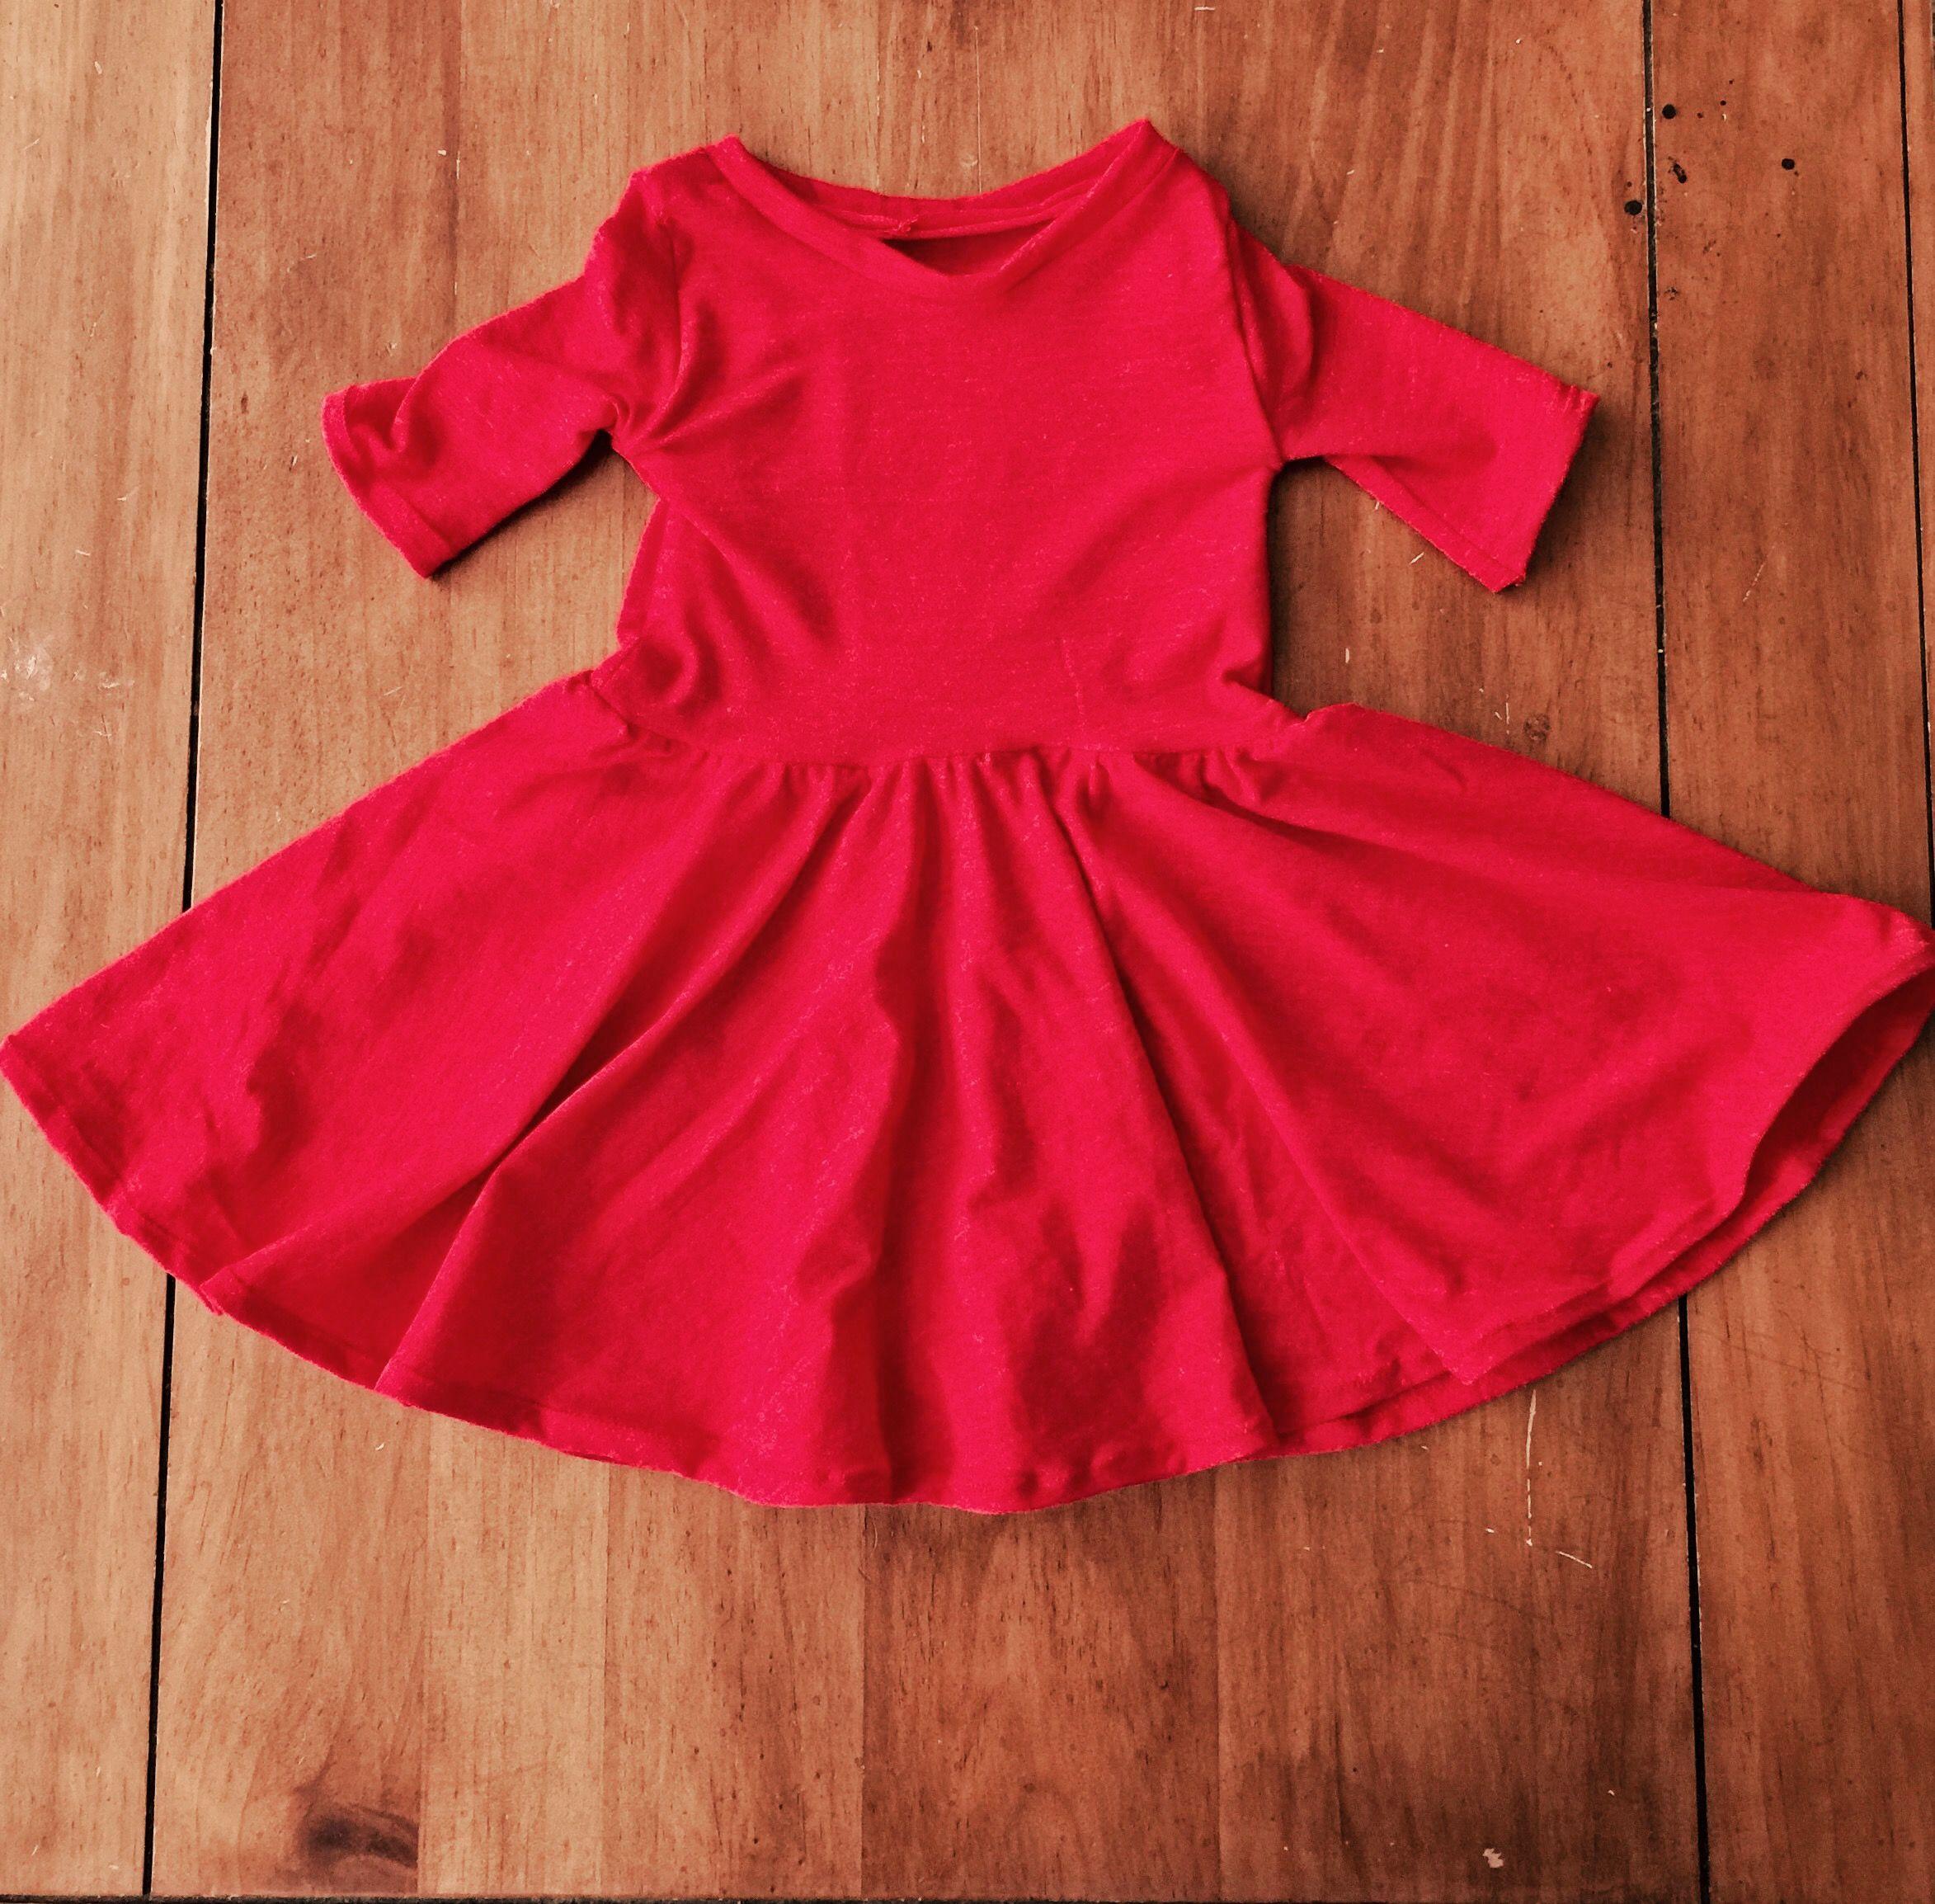 Diy Tutorial Toddler Twirly Dress Diy Toddler Dress Toddler Dress Patterns Dress Sewing Tutorials